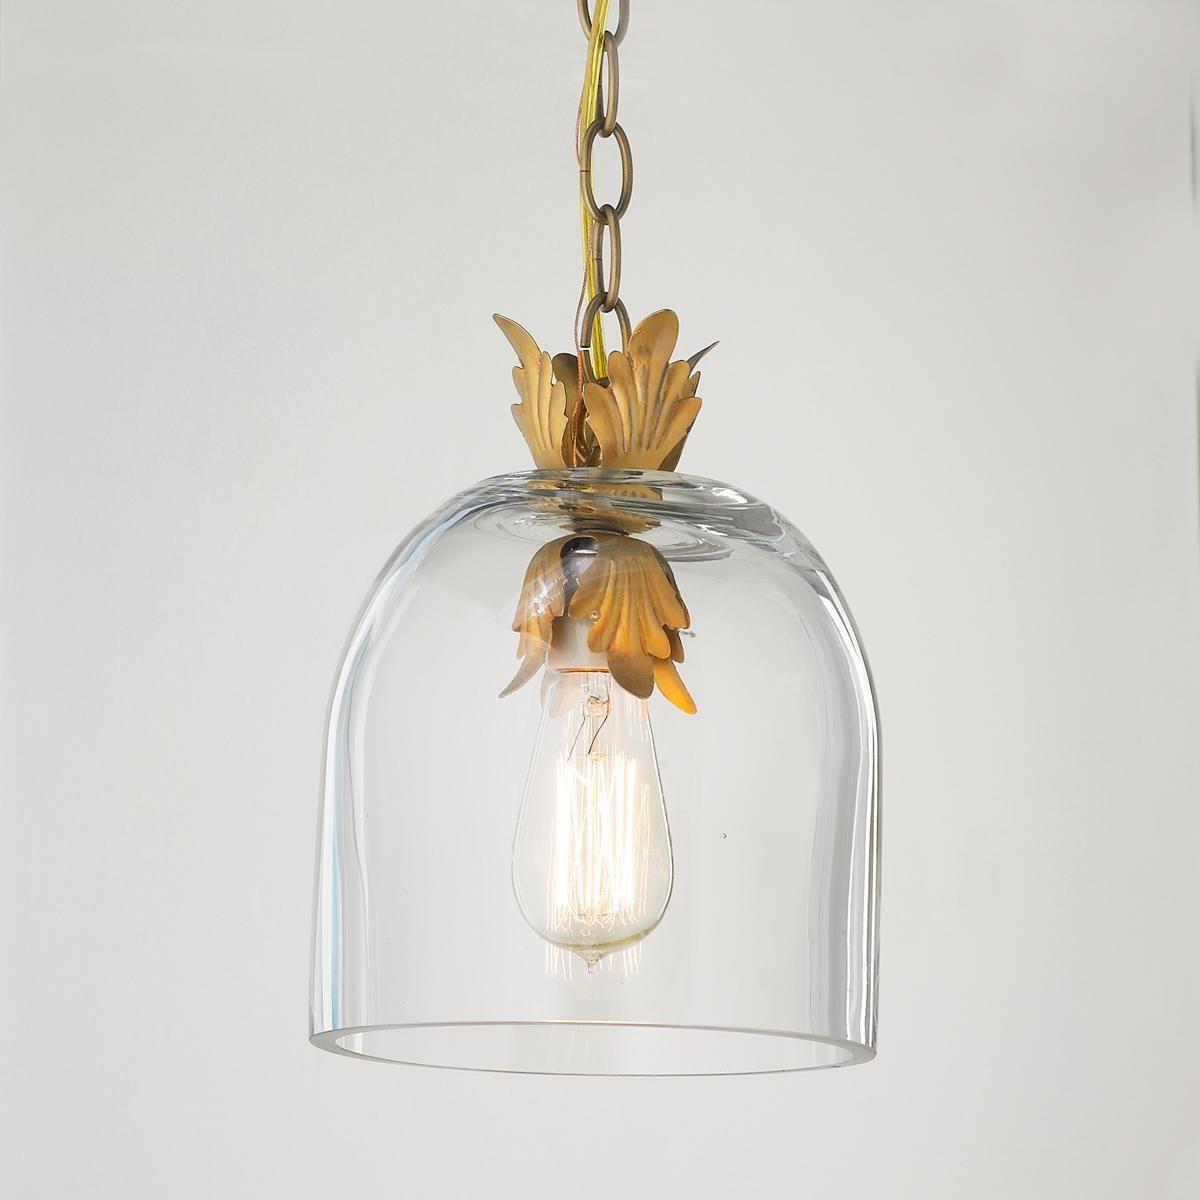 Acanthus Leaf Dome Pendant Light Dome Pendant Lighting Gold Pendant Lighting Pendant Light Shades